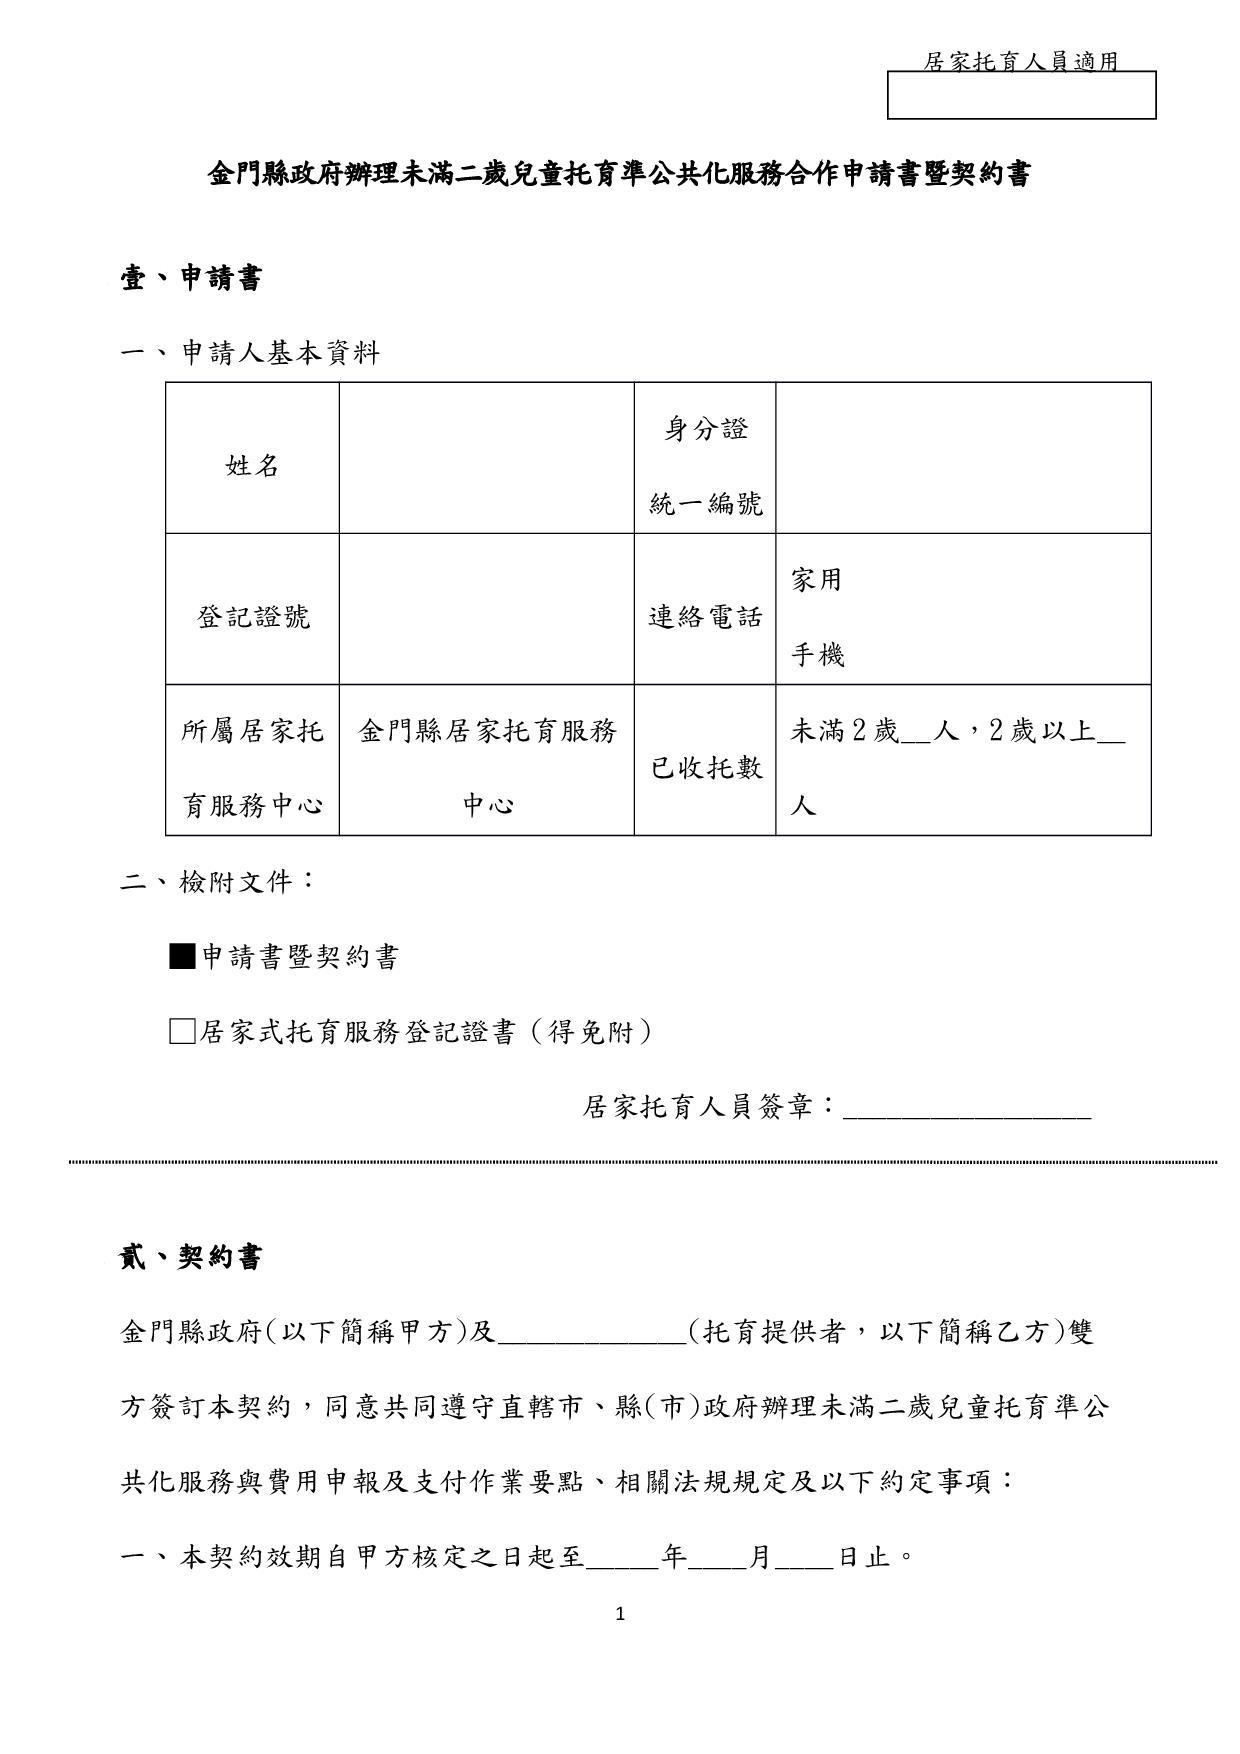 居托人員準公共化申請表暨契約書